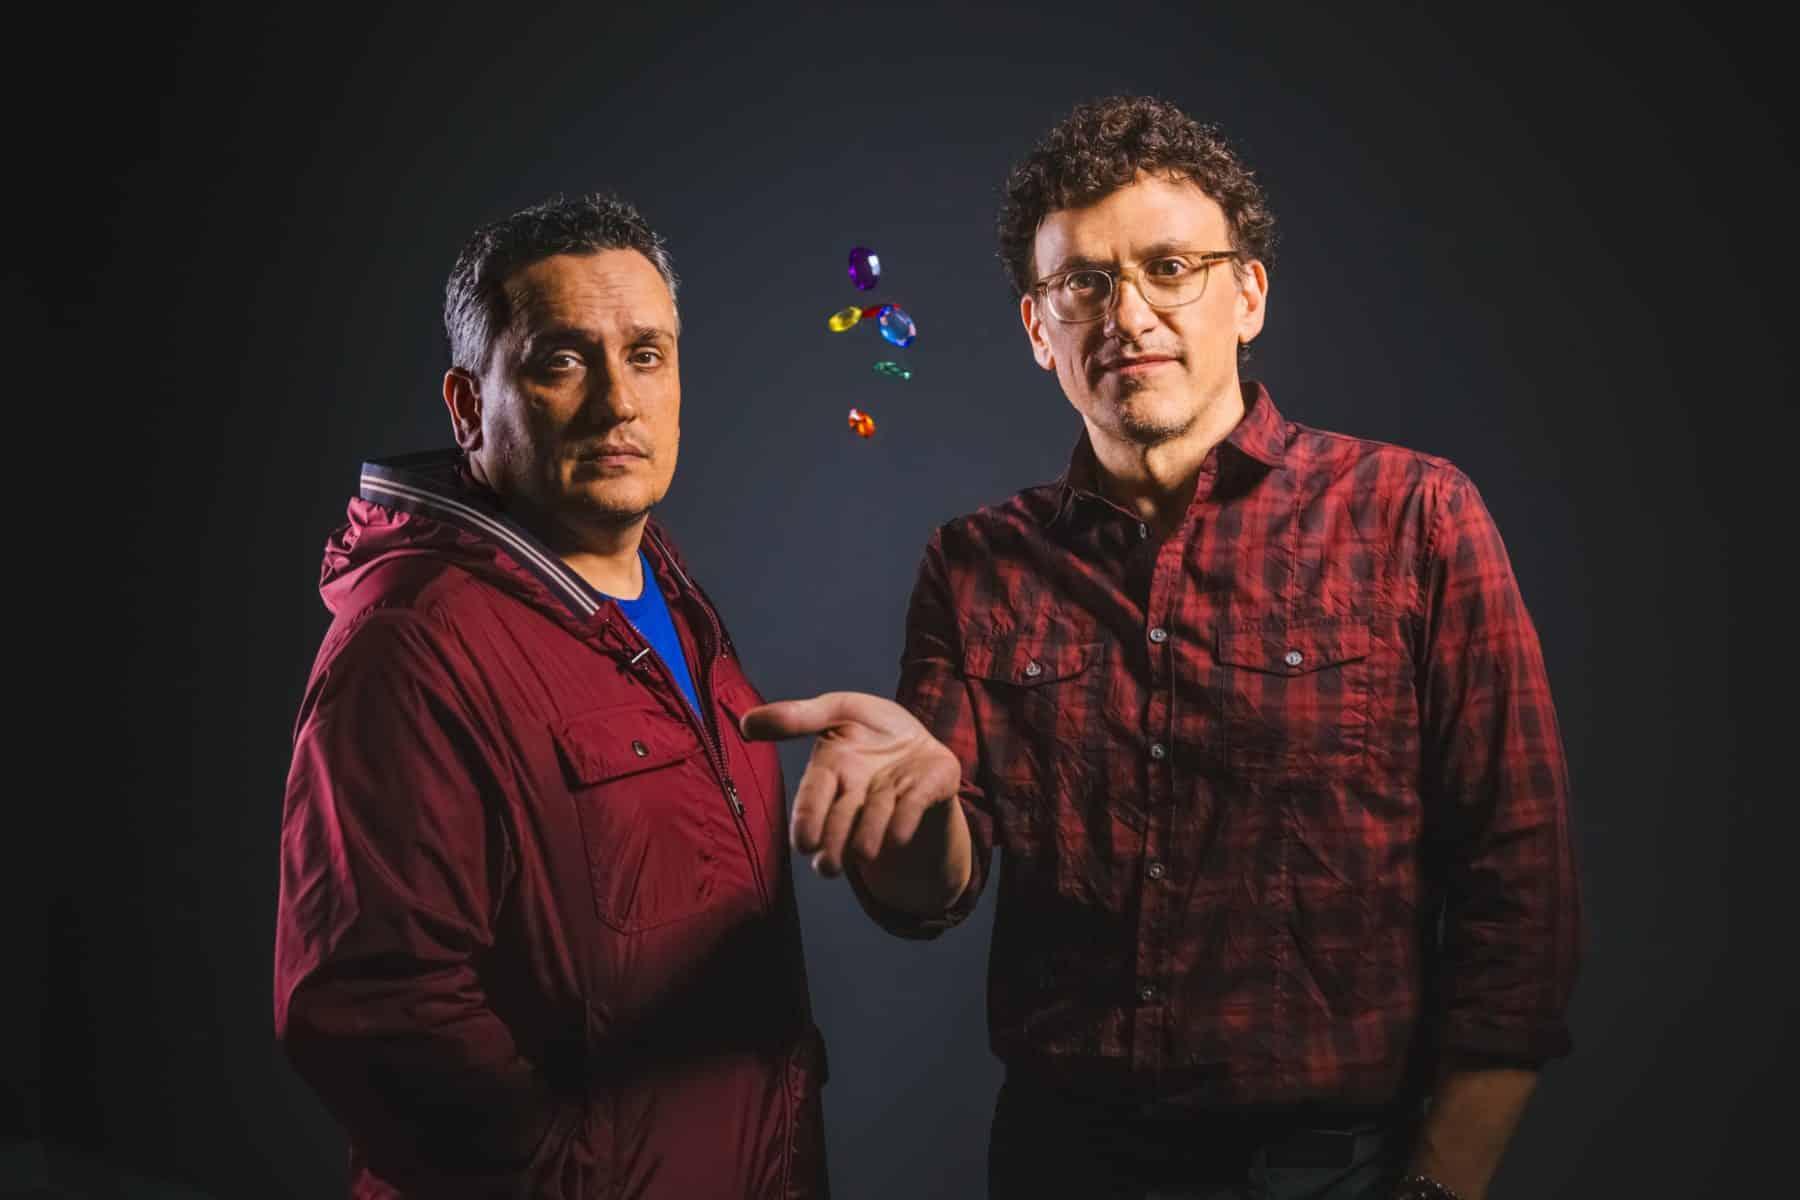 I fratelli Russo al lavoro su un franchise segreto thumbnail